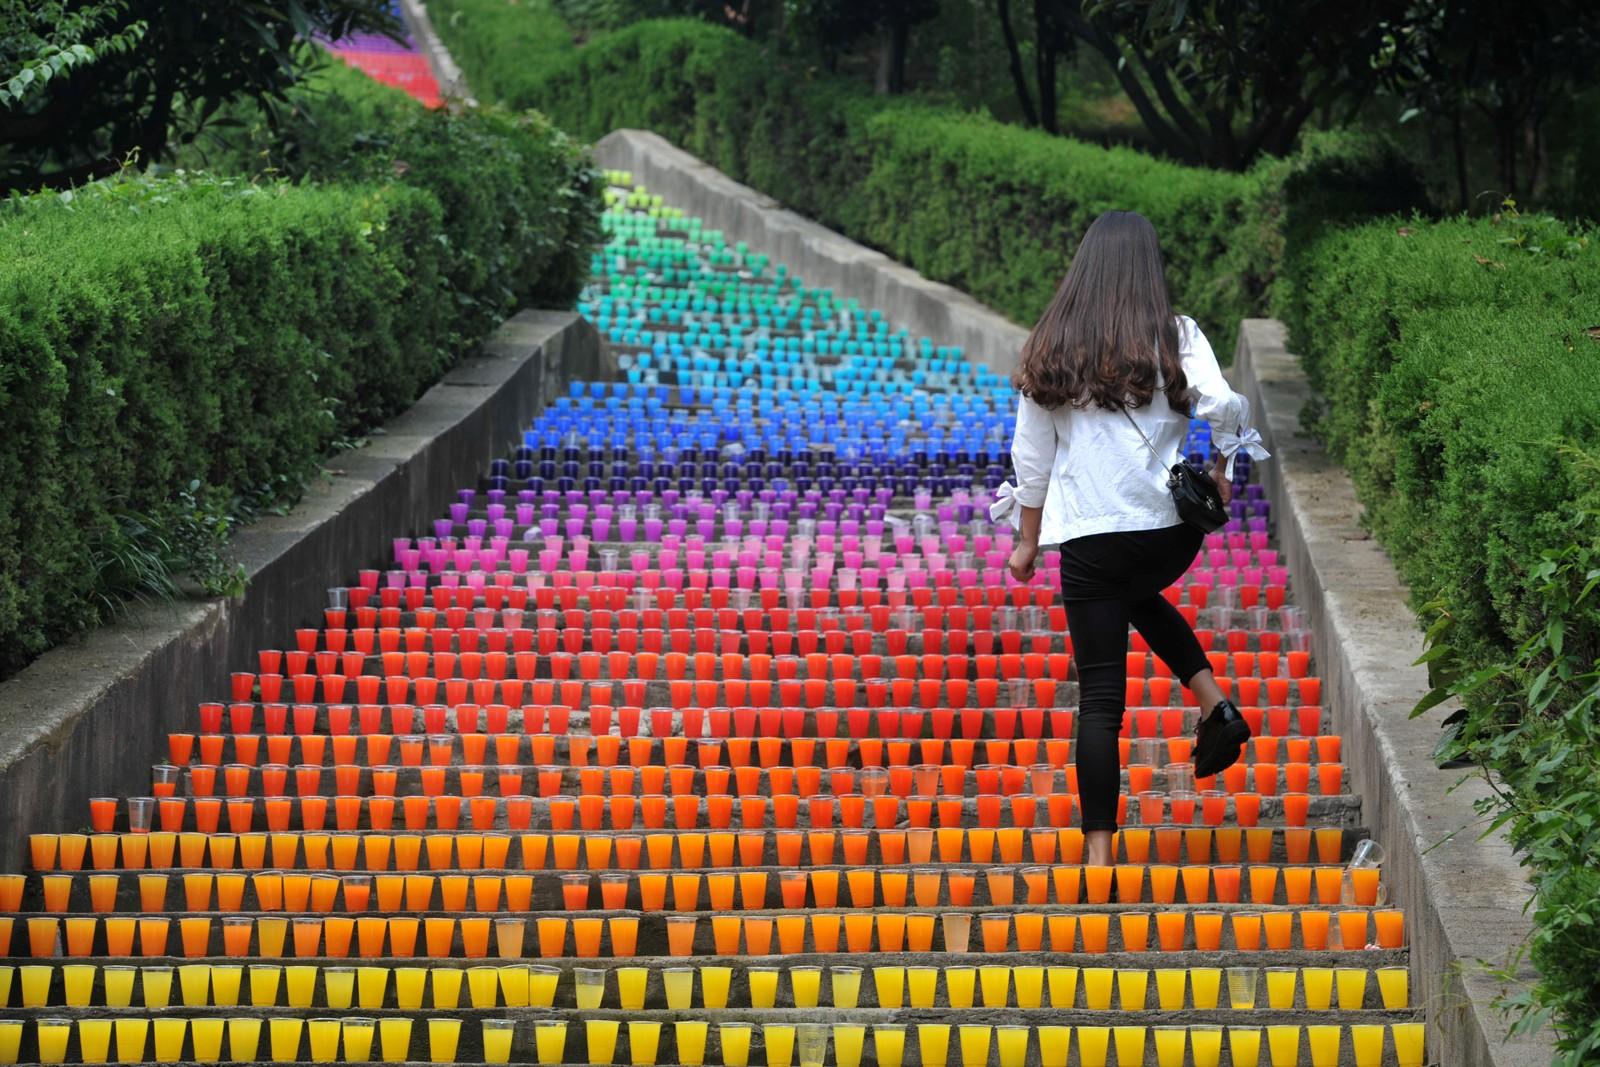 Over 5000 plastkopper i regnbuens farger ble plassert i denne trappa i Wuhan, Kina. Denne kvinnen forsøker å unngå å ødelegge kunstverket laget av fire studenter.